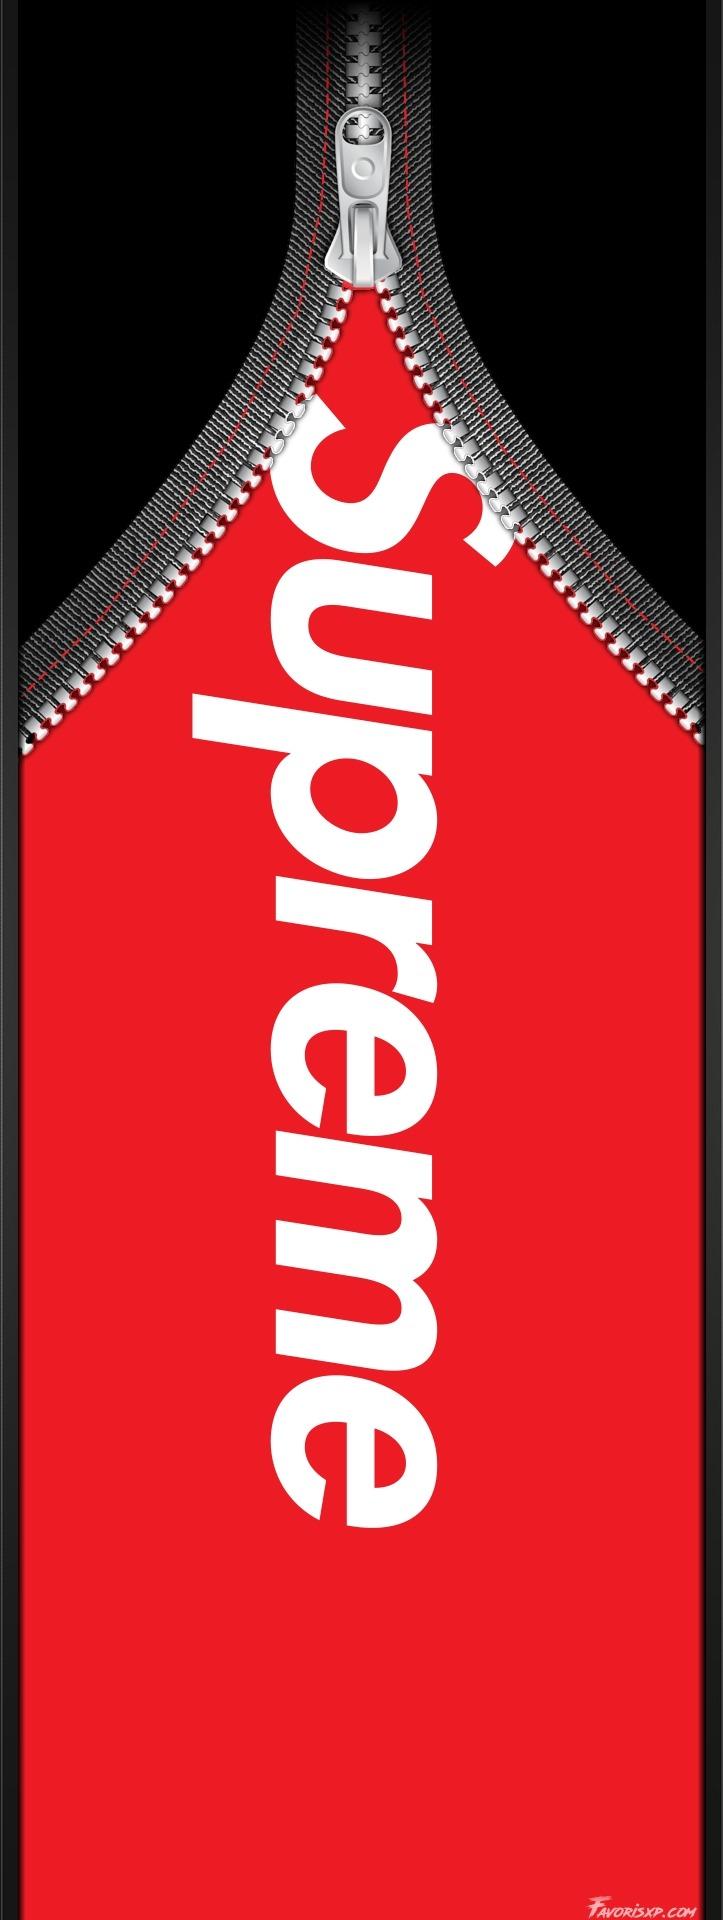 Supreme Fonds D Ecran Image Arriere Plan Wallpaper Favorisxp Pour Pc Et Smartphone